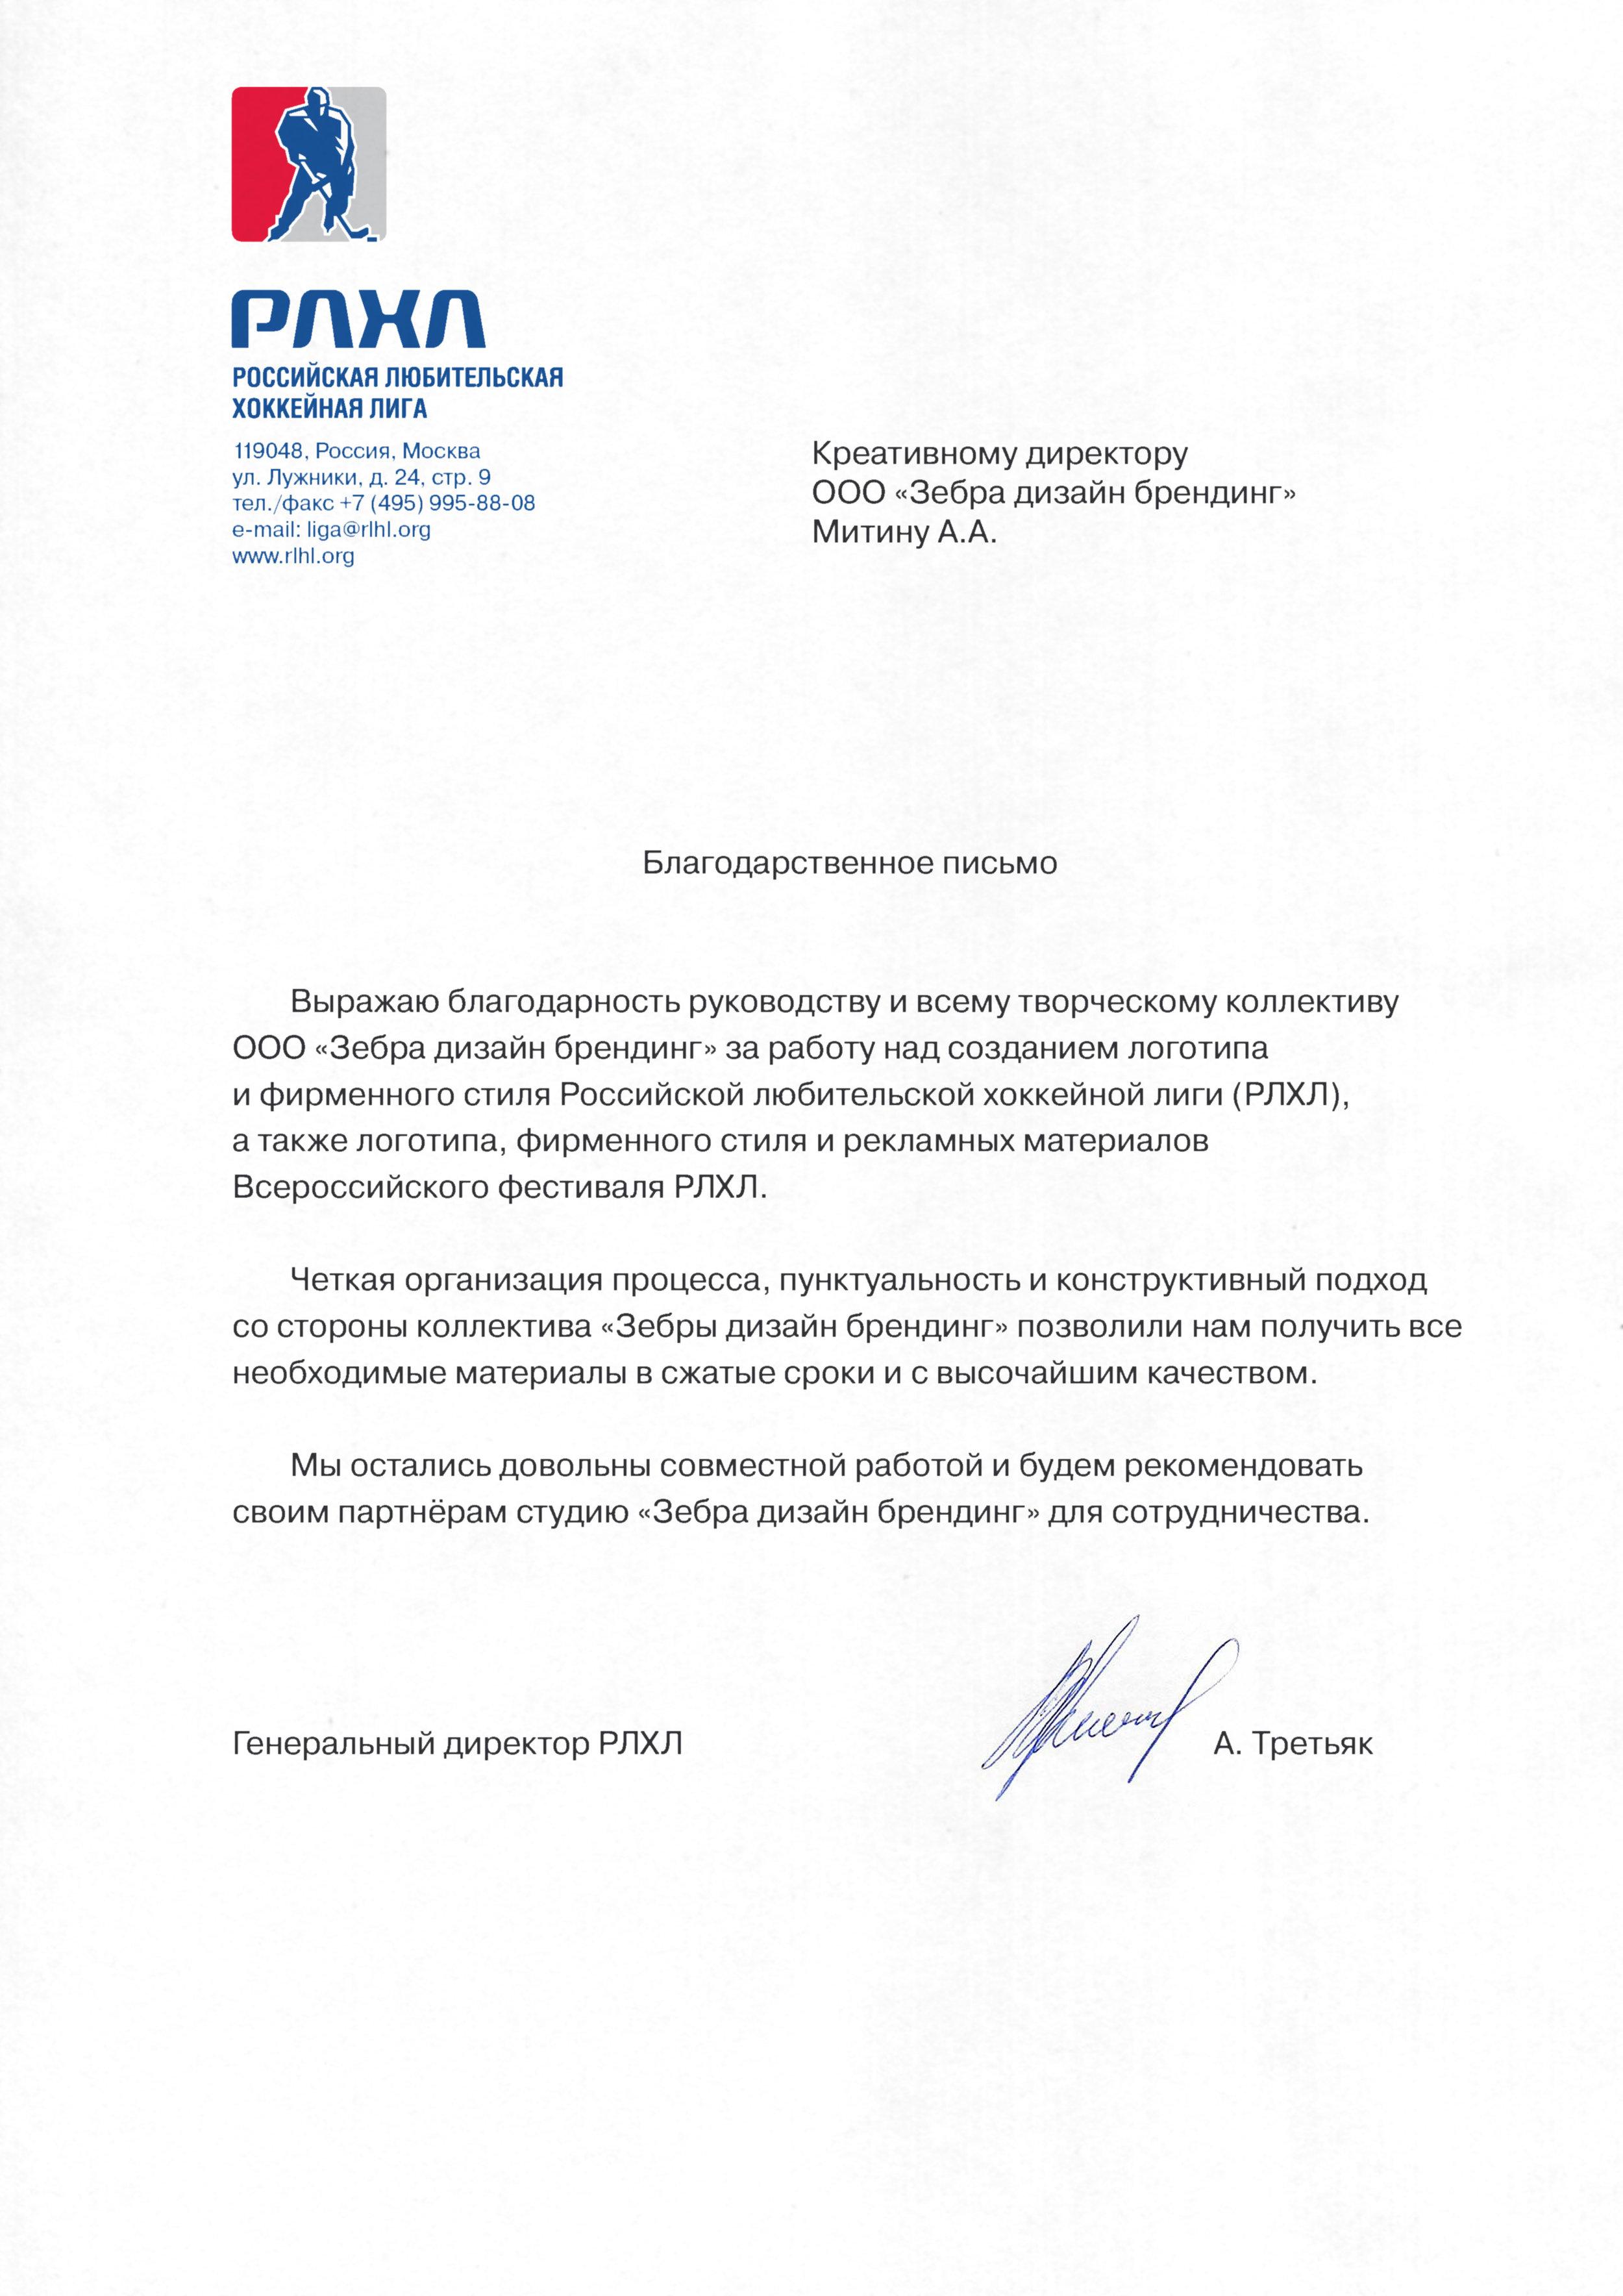 2012-06-14 RLHL.jpg